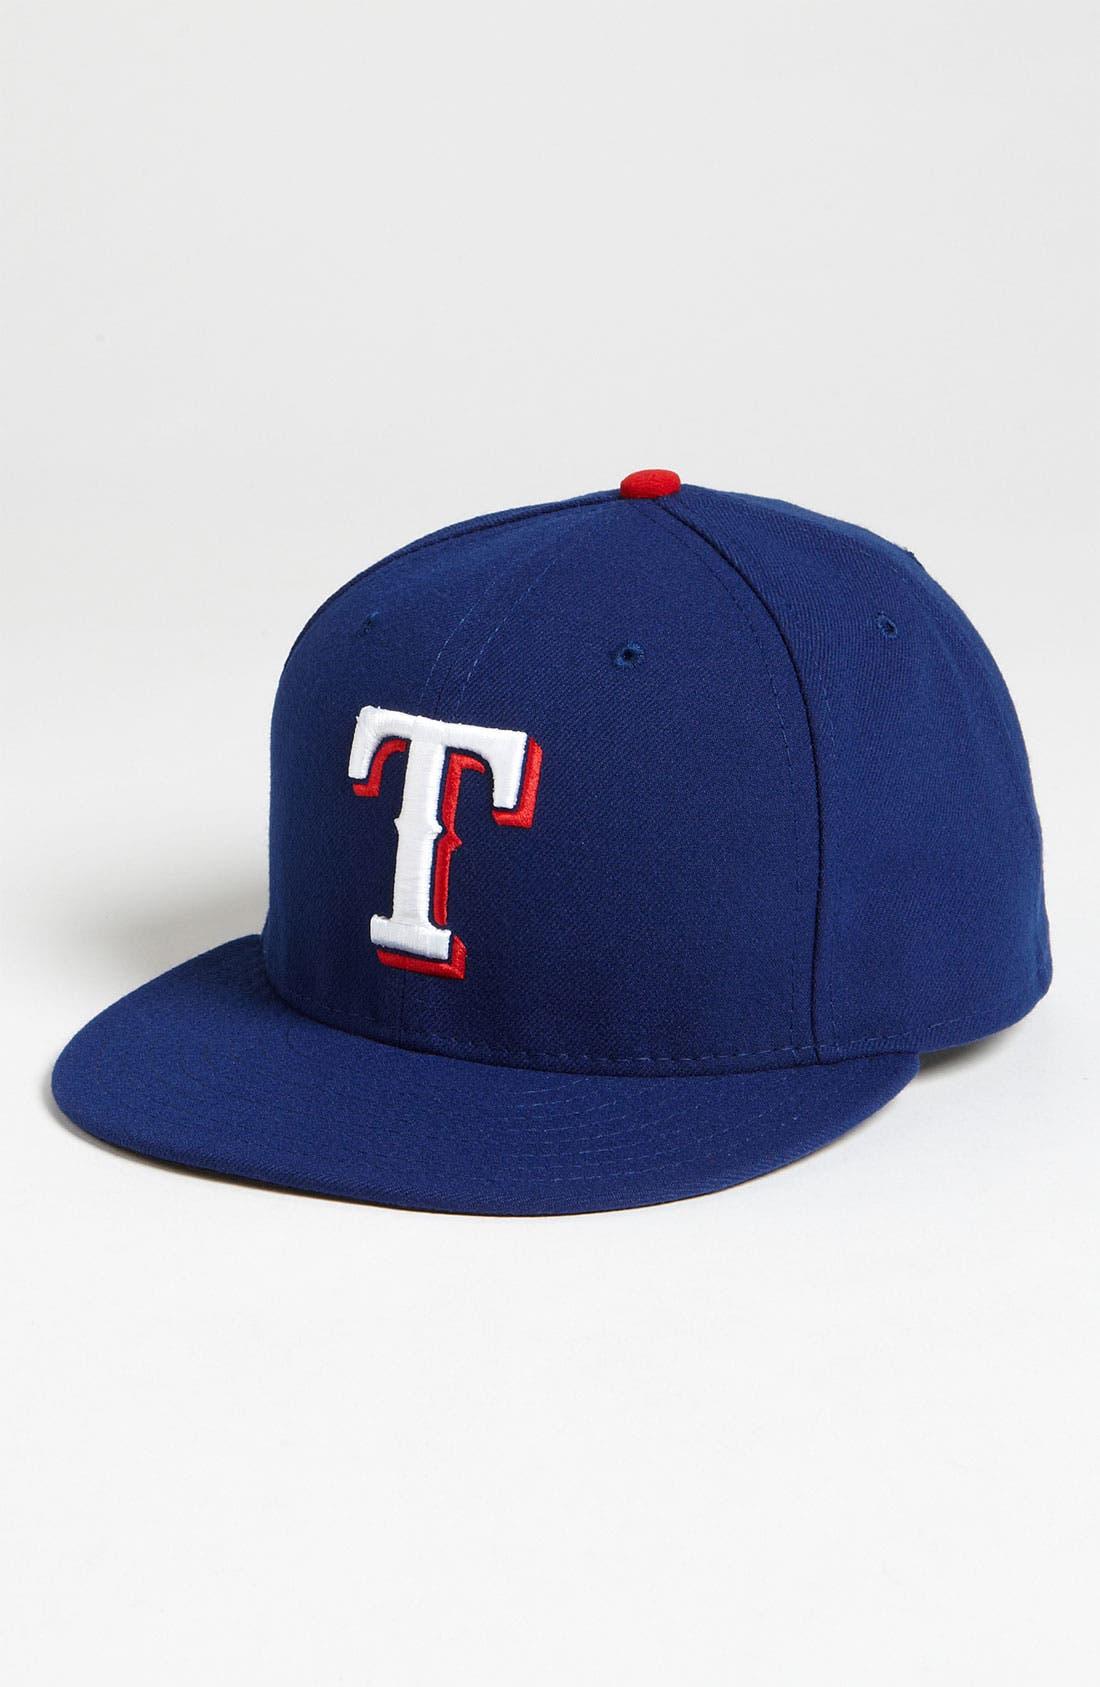 Main Image - New Era Cap 'Texas Rangers' Baseball Cap